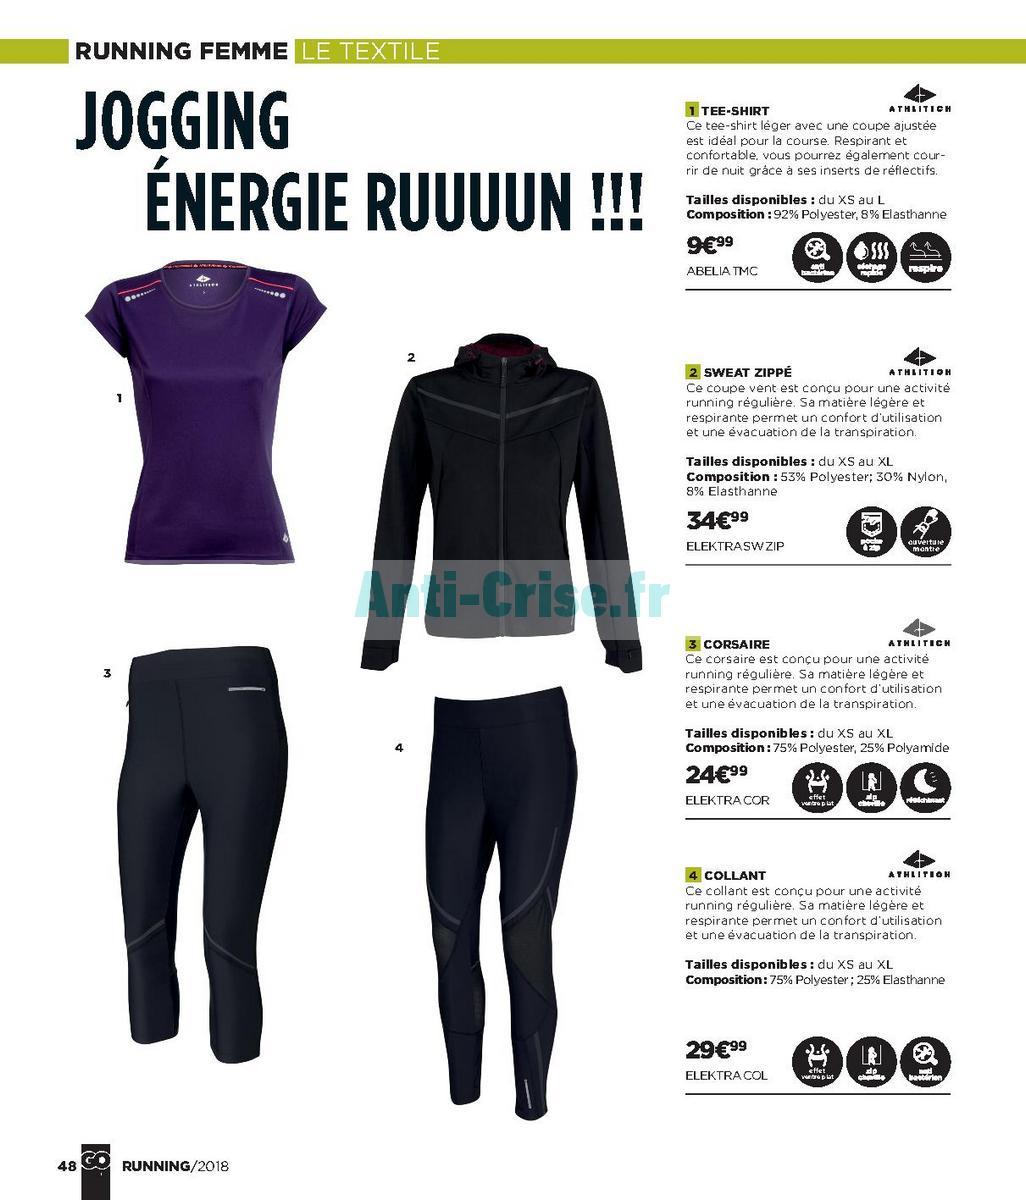 septembre2018 Catalogue Go Sport du 28 avril au 21 septembre 2018 (Running) (48)